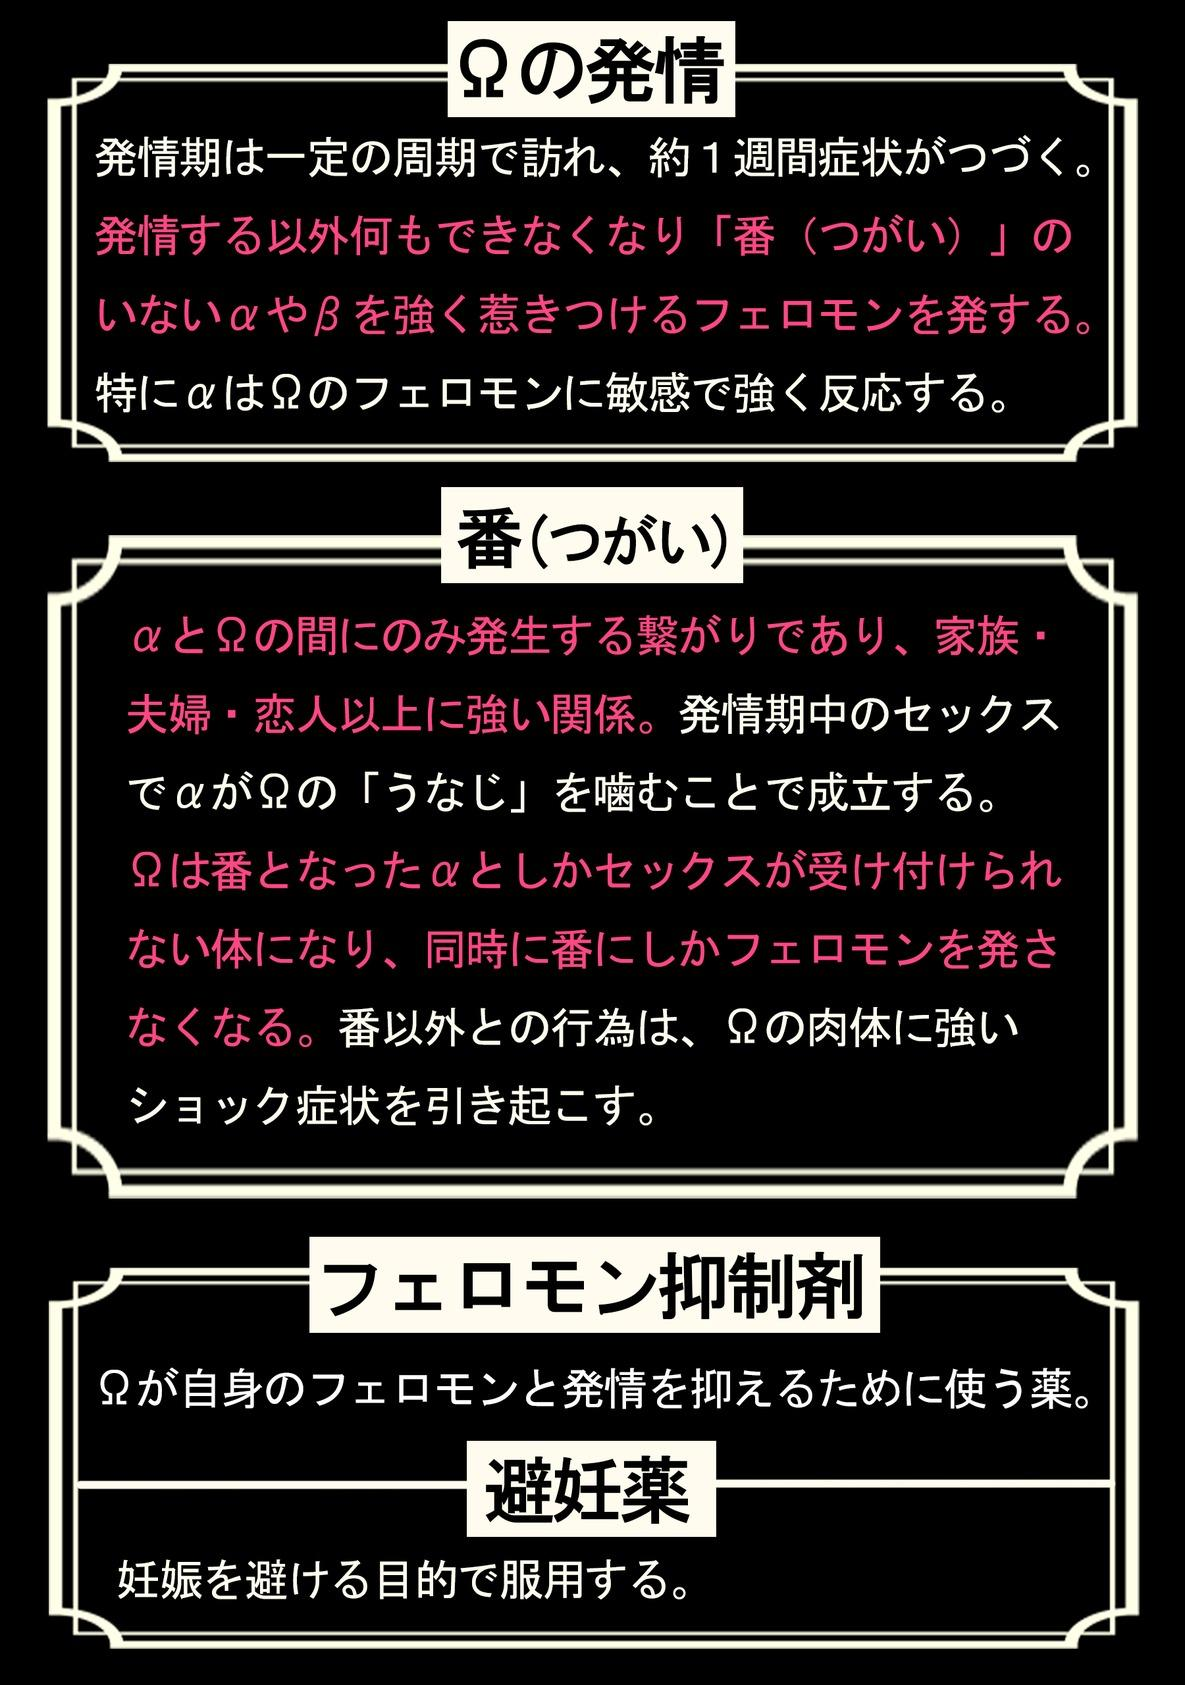 Kurui Naku no wa Boku no Ban ~ vol.2 3